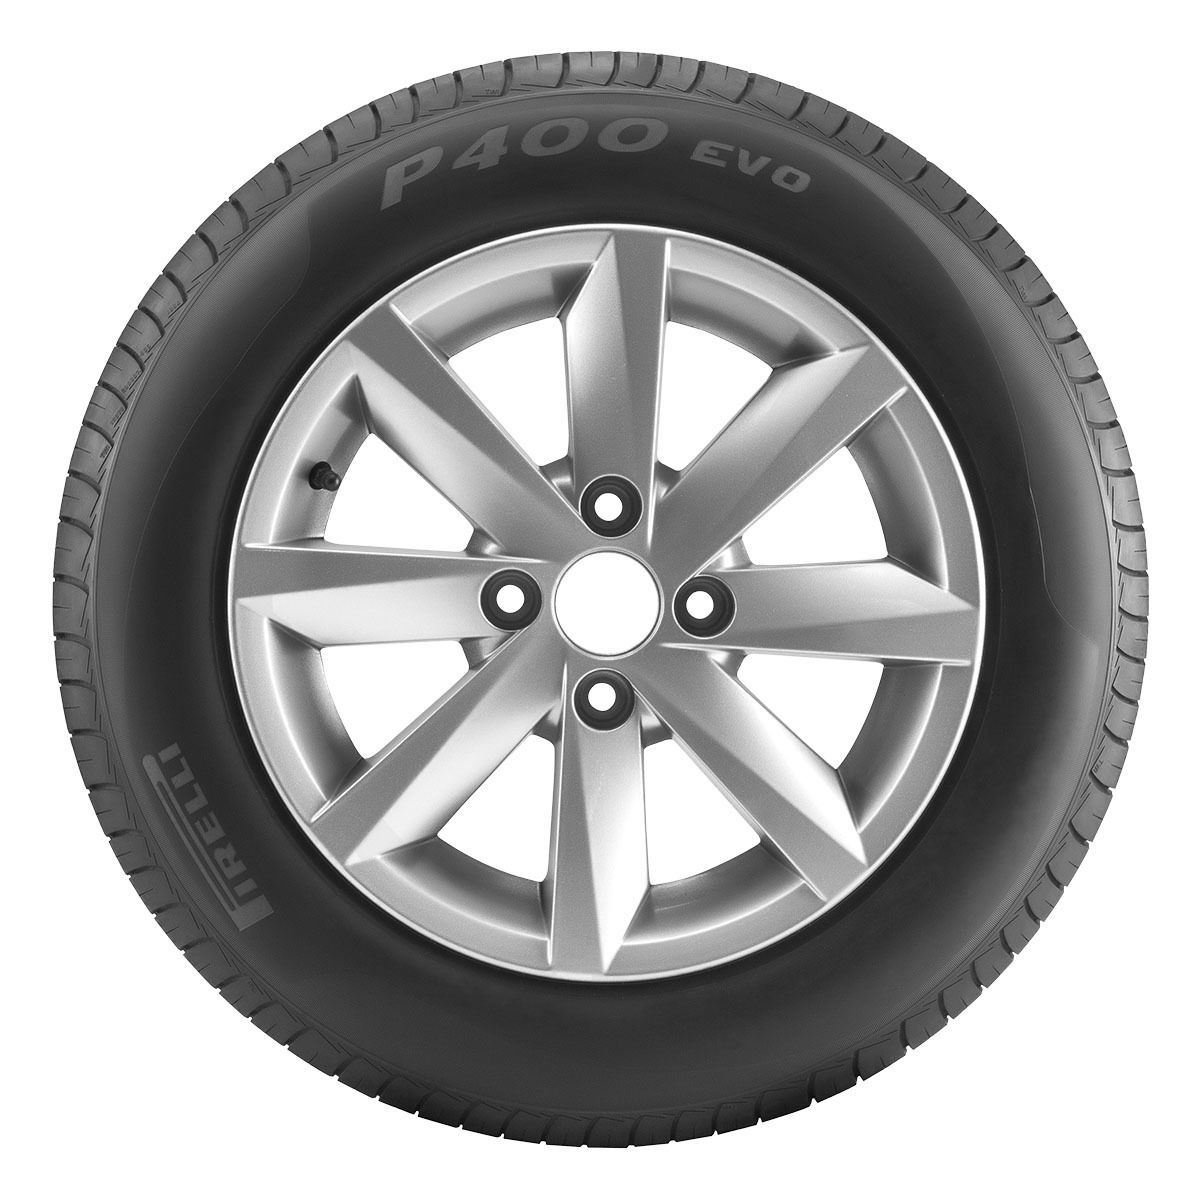 Pneu 175/65 R 14 - P400 Evo 82H - Pirelli